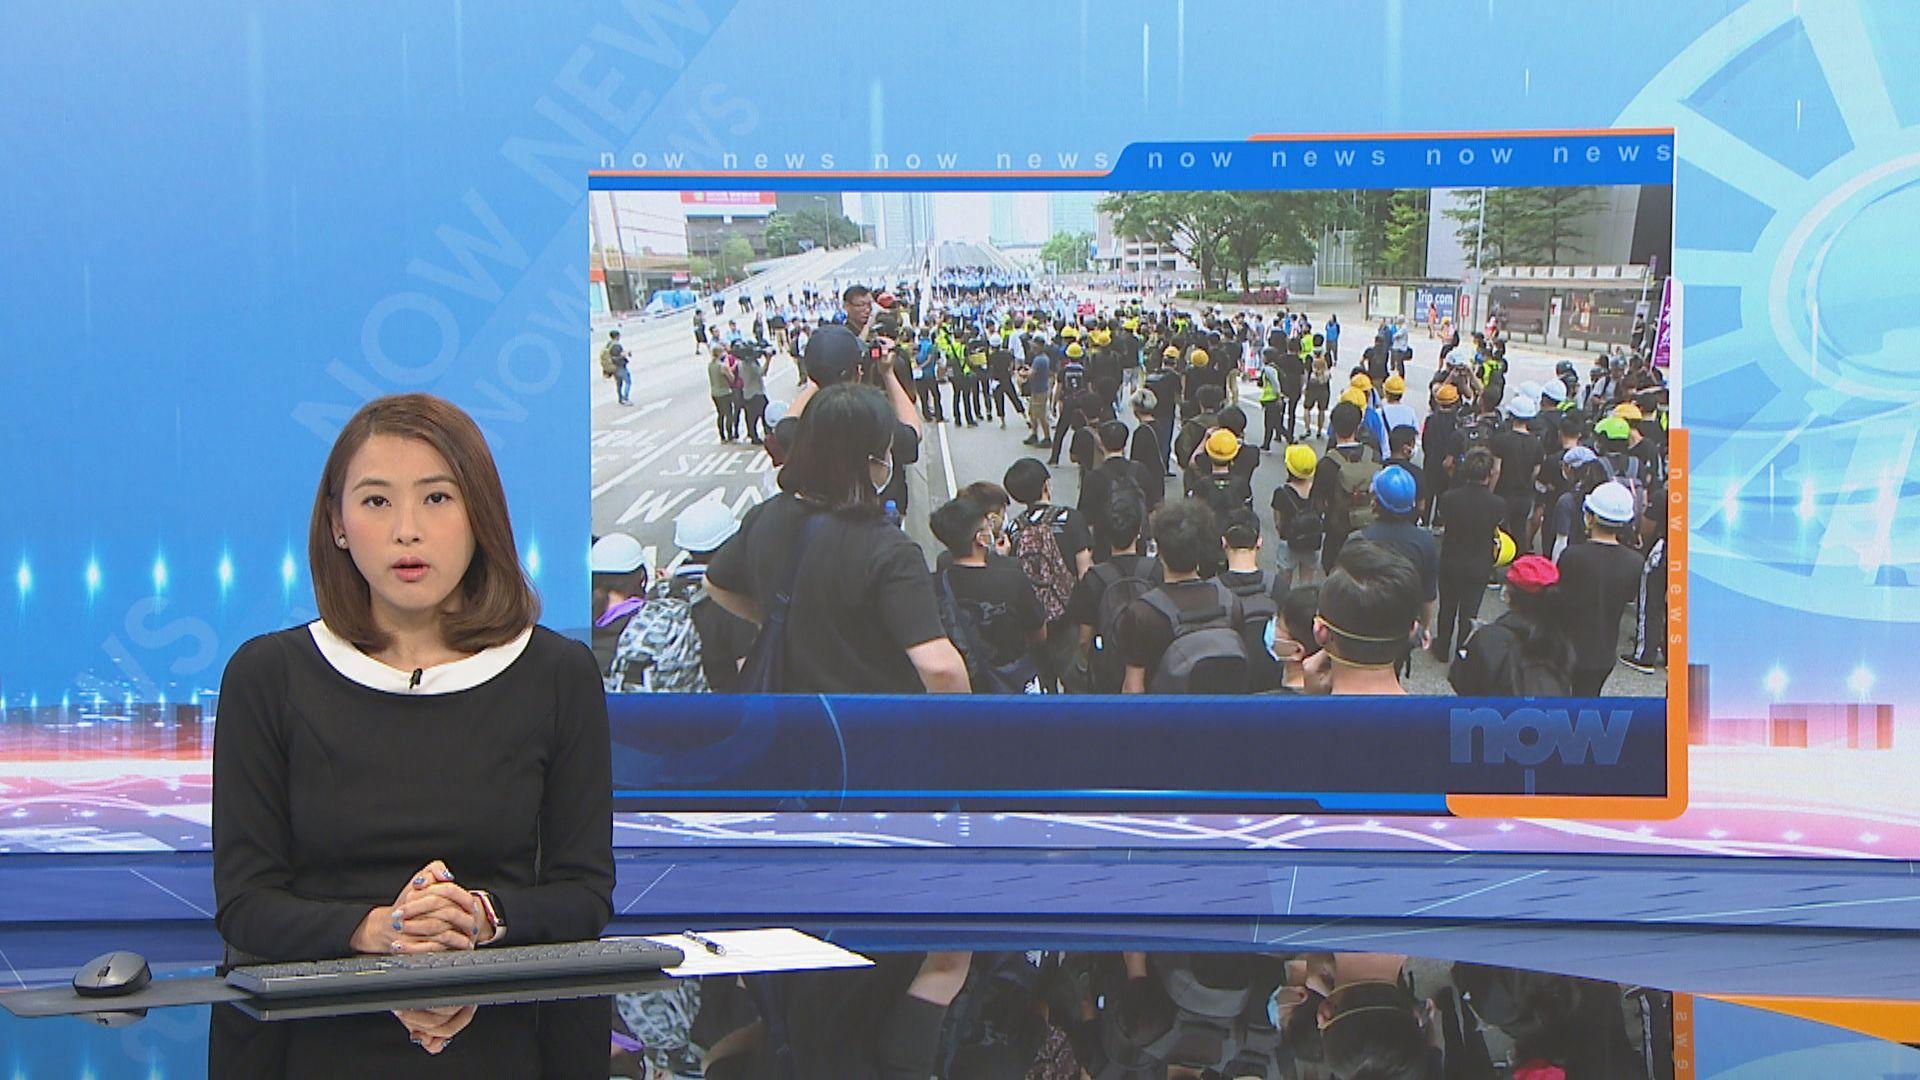 夏慤道示威者開始自行搬走障礙物撒離馬路